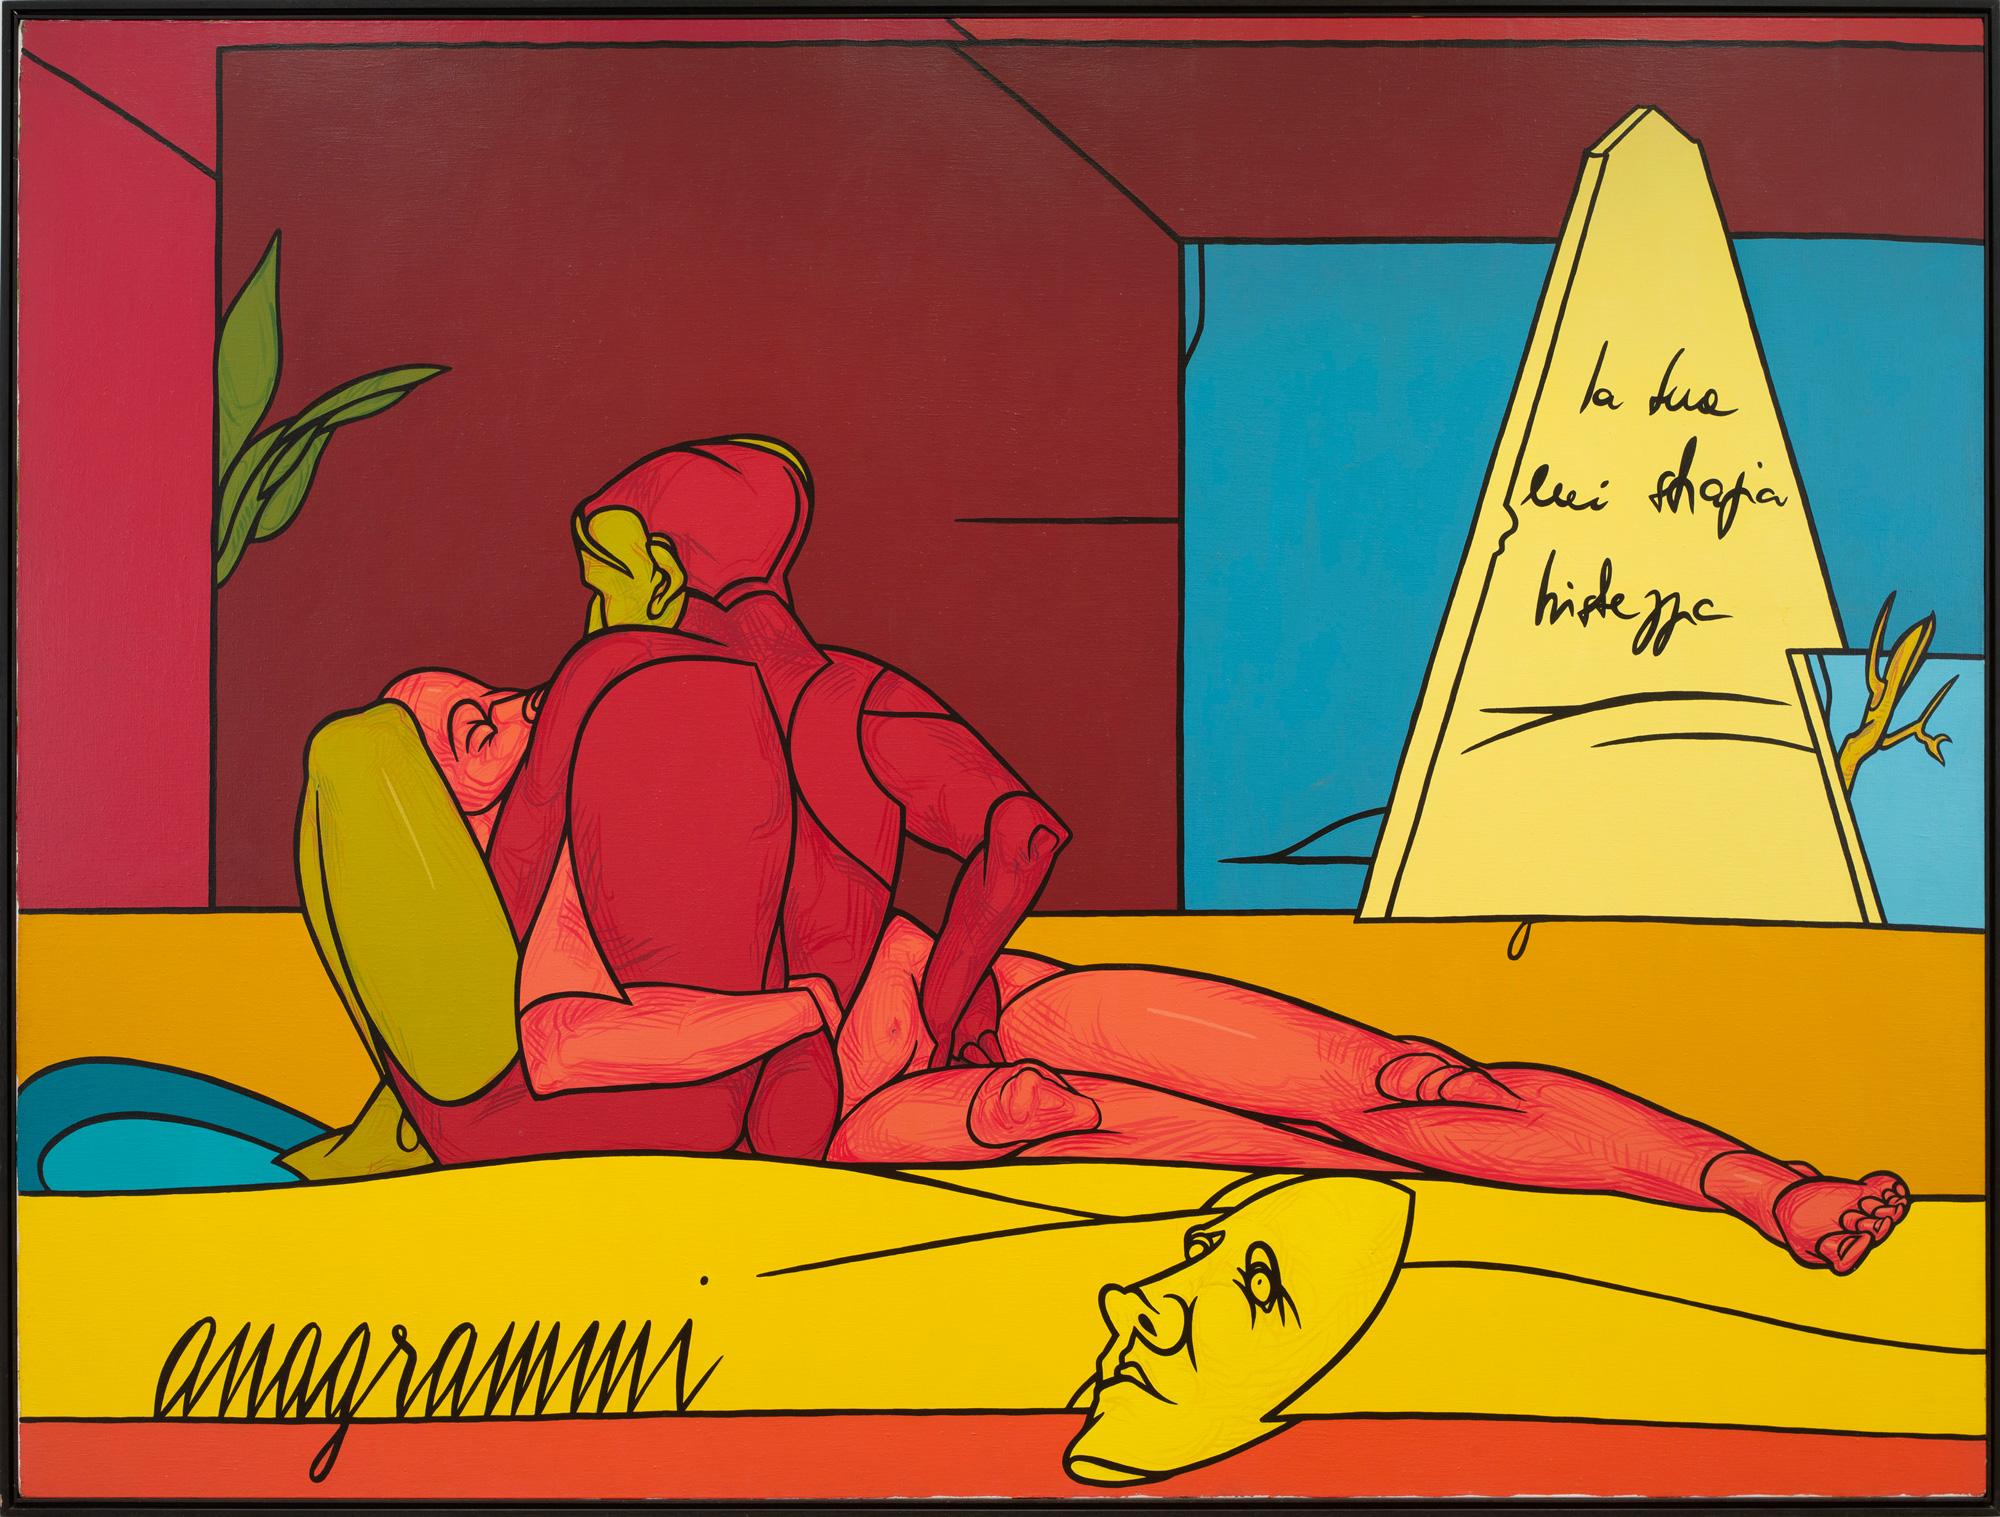 Valerio Adami à la galerie Templon : Anagrammi (1987)